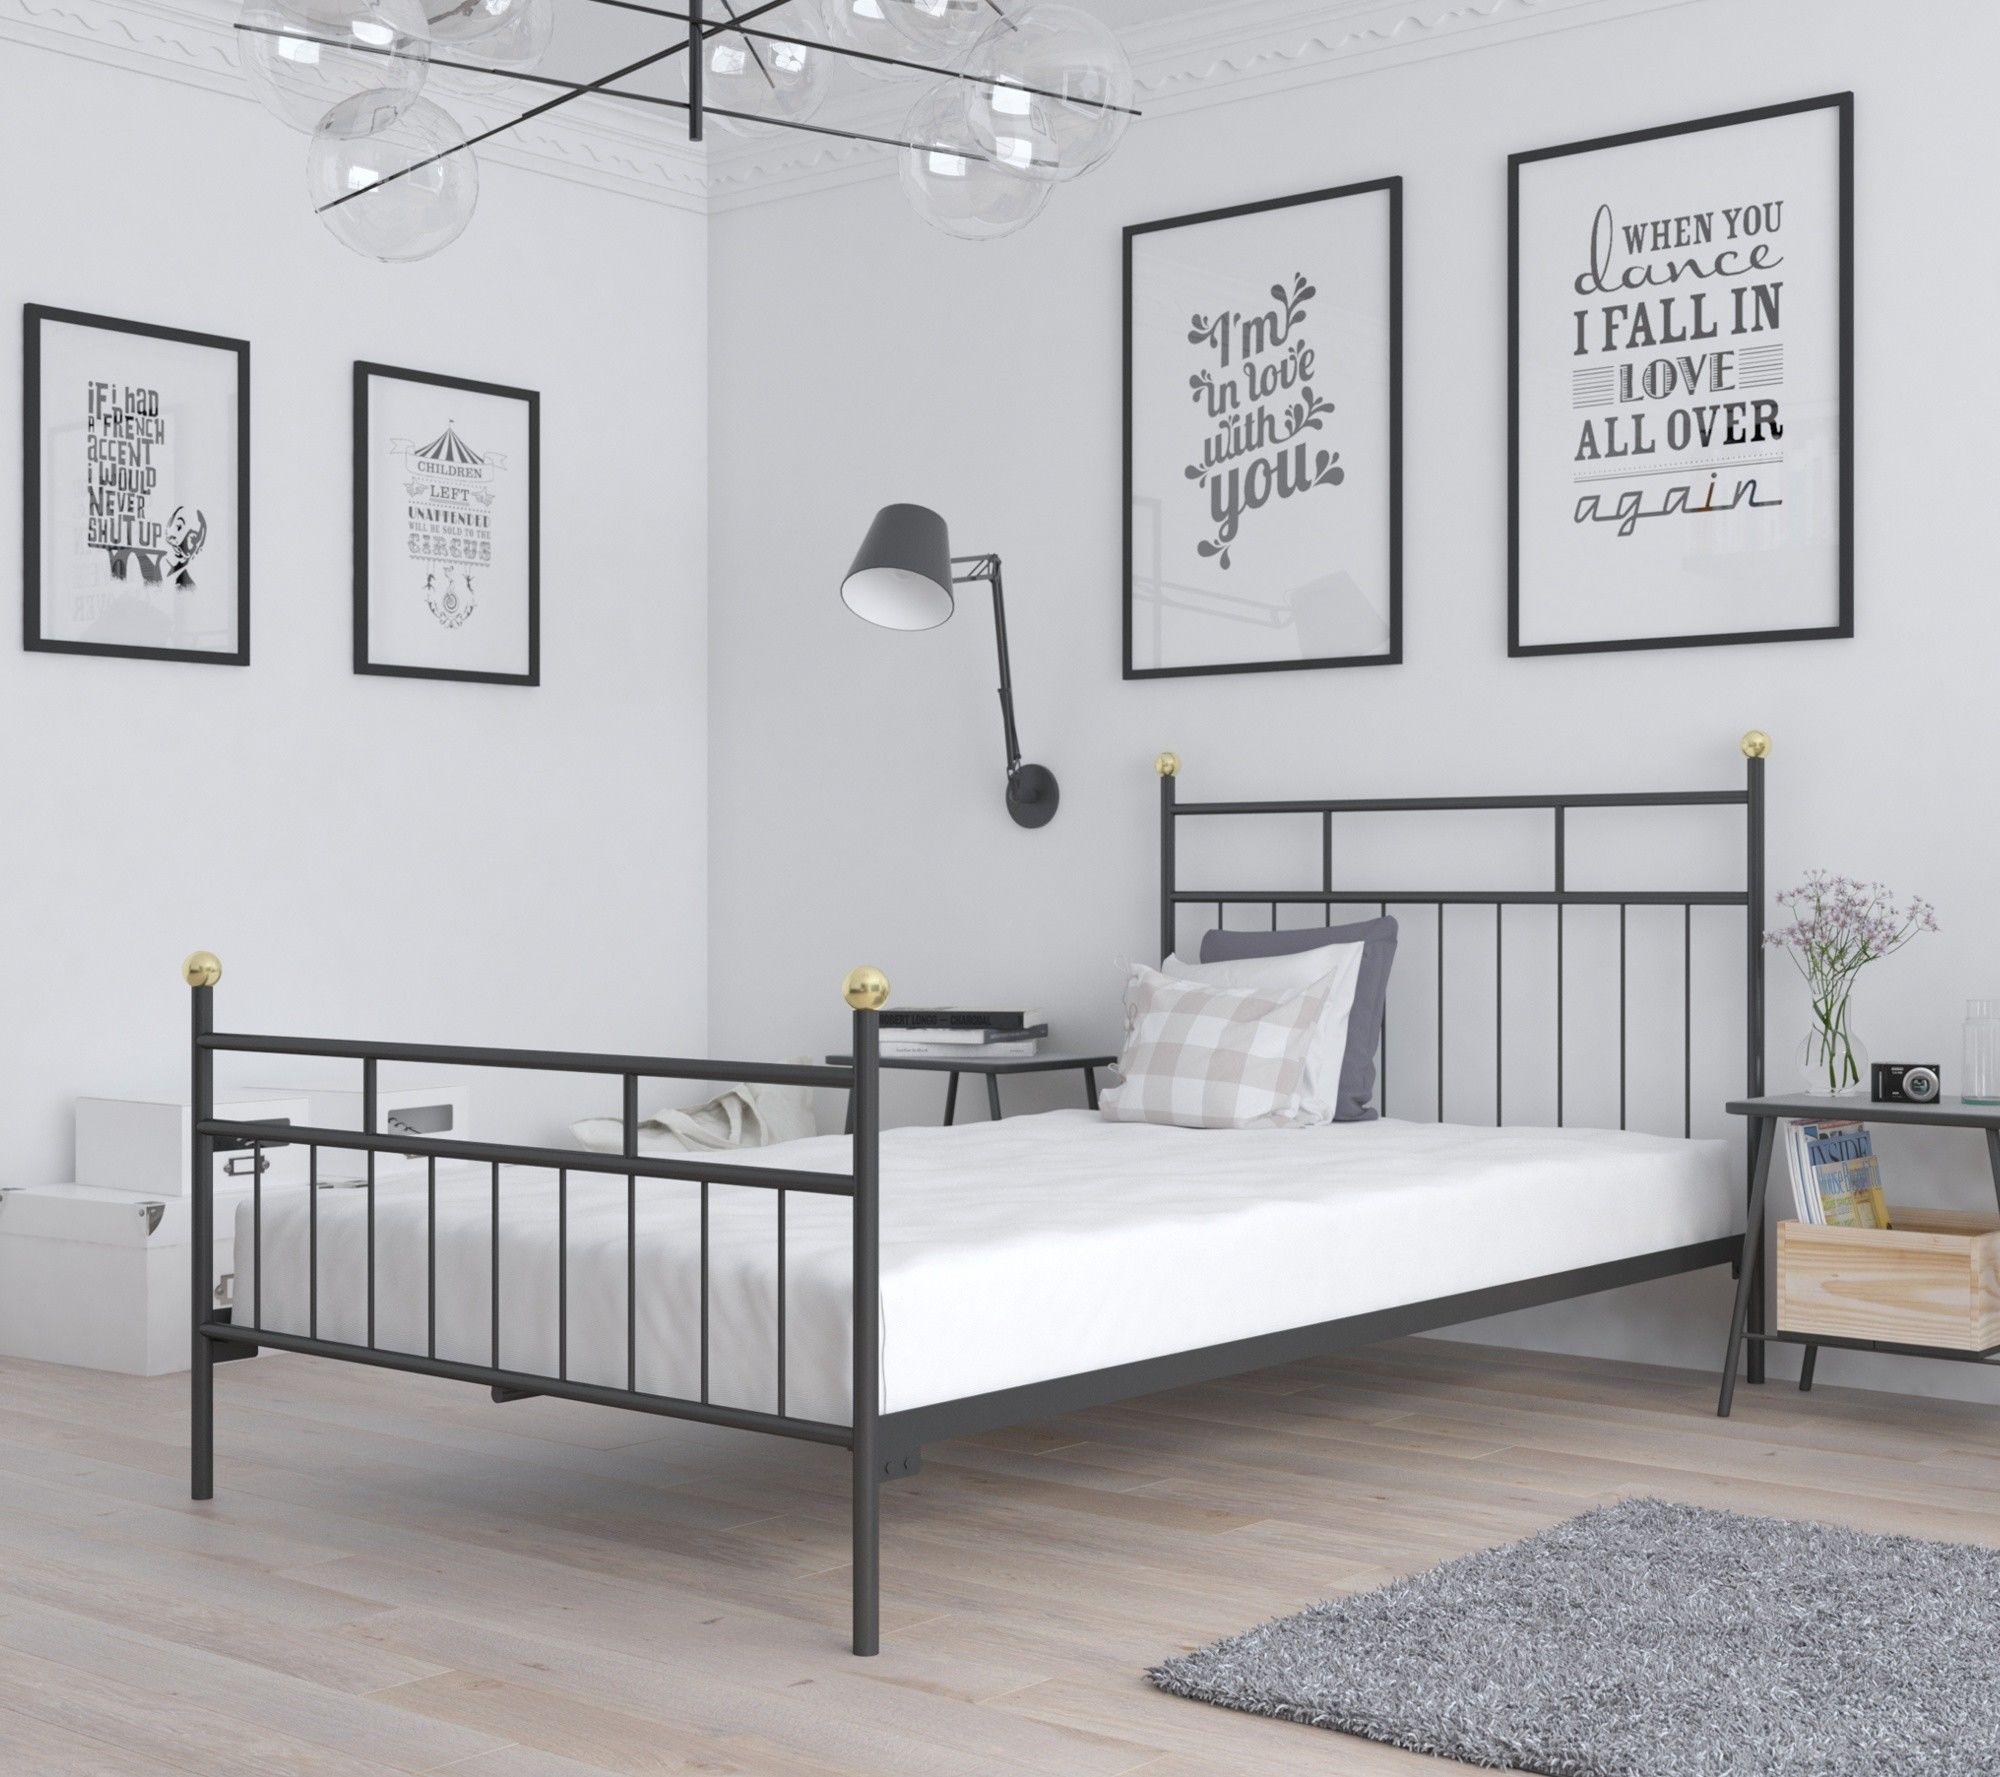 Łóżko metalowe sypialniane 100x200 wzór 27 ze stelażem